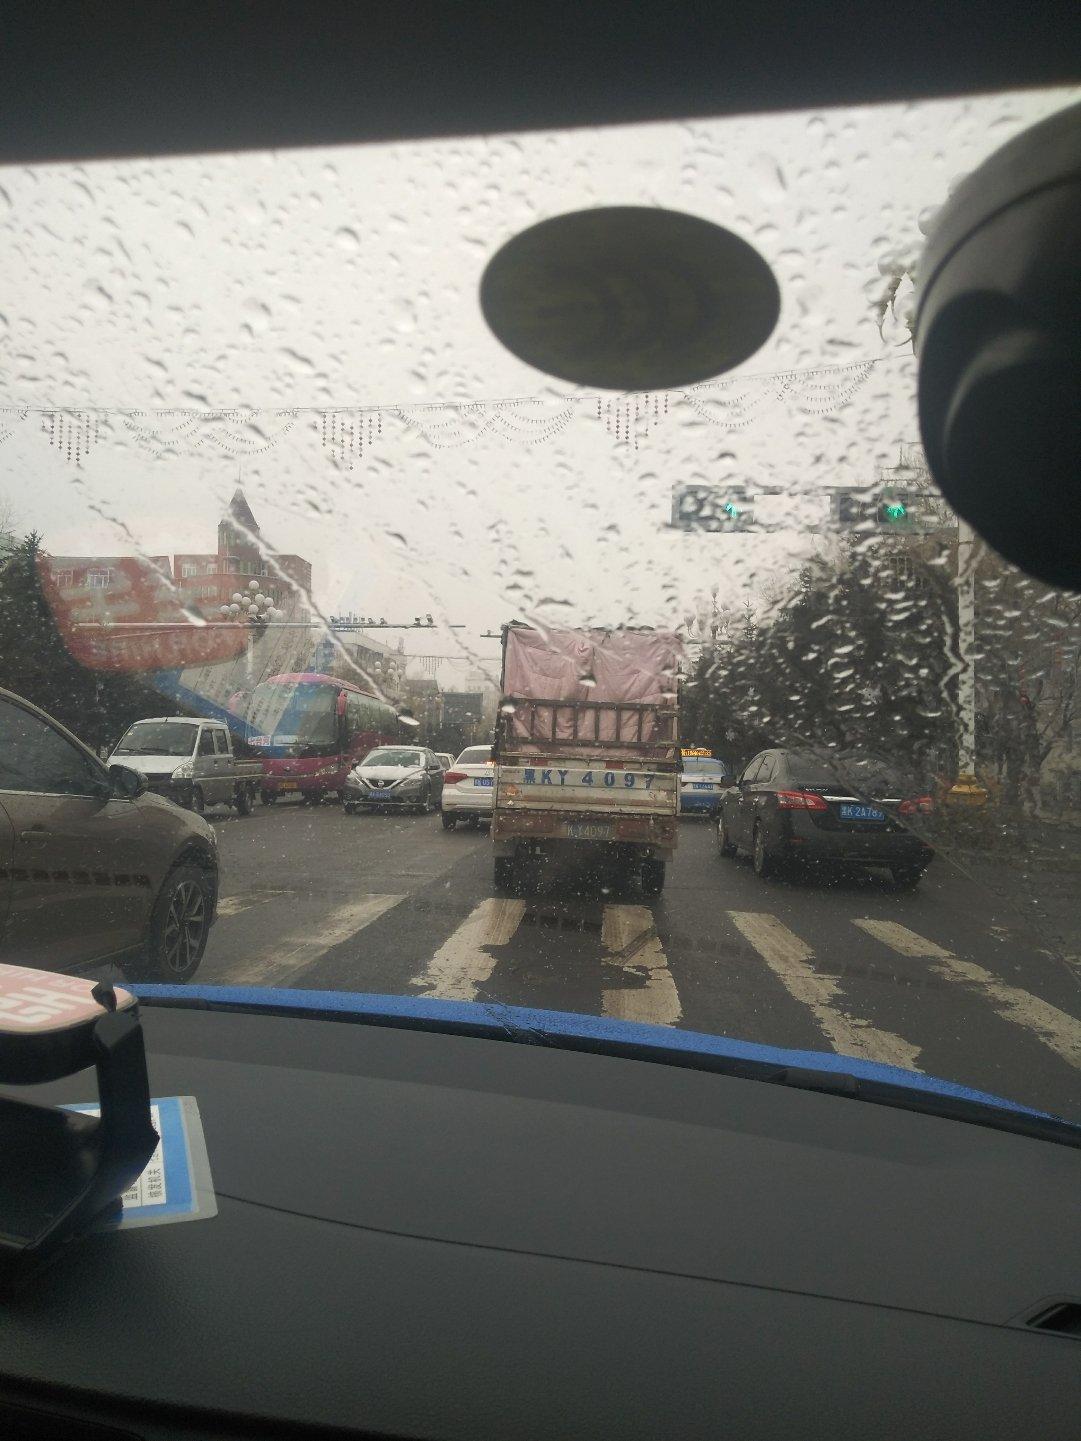 黑龙江省七台河市桃山区山湖路靠近七台河广播电视台天气预报